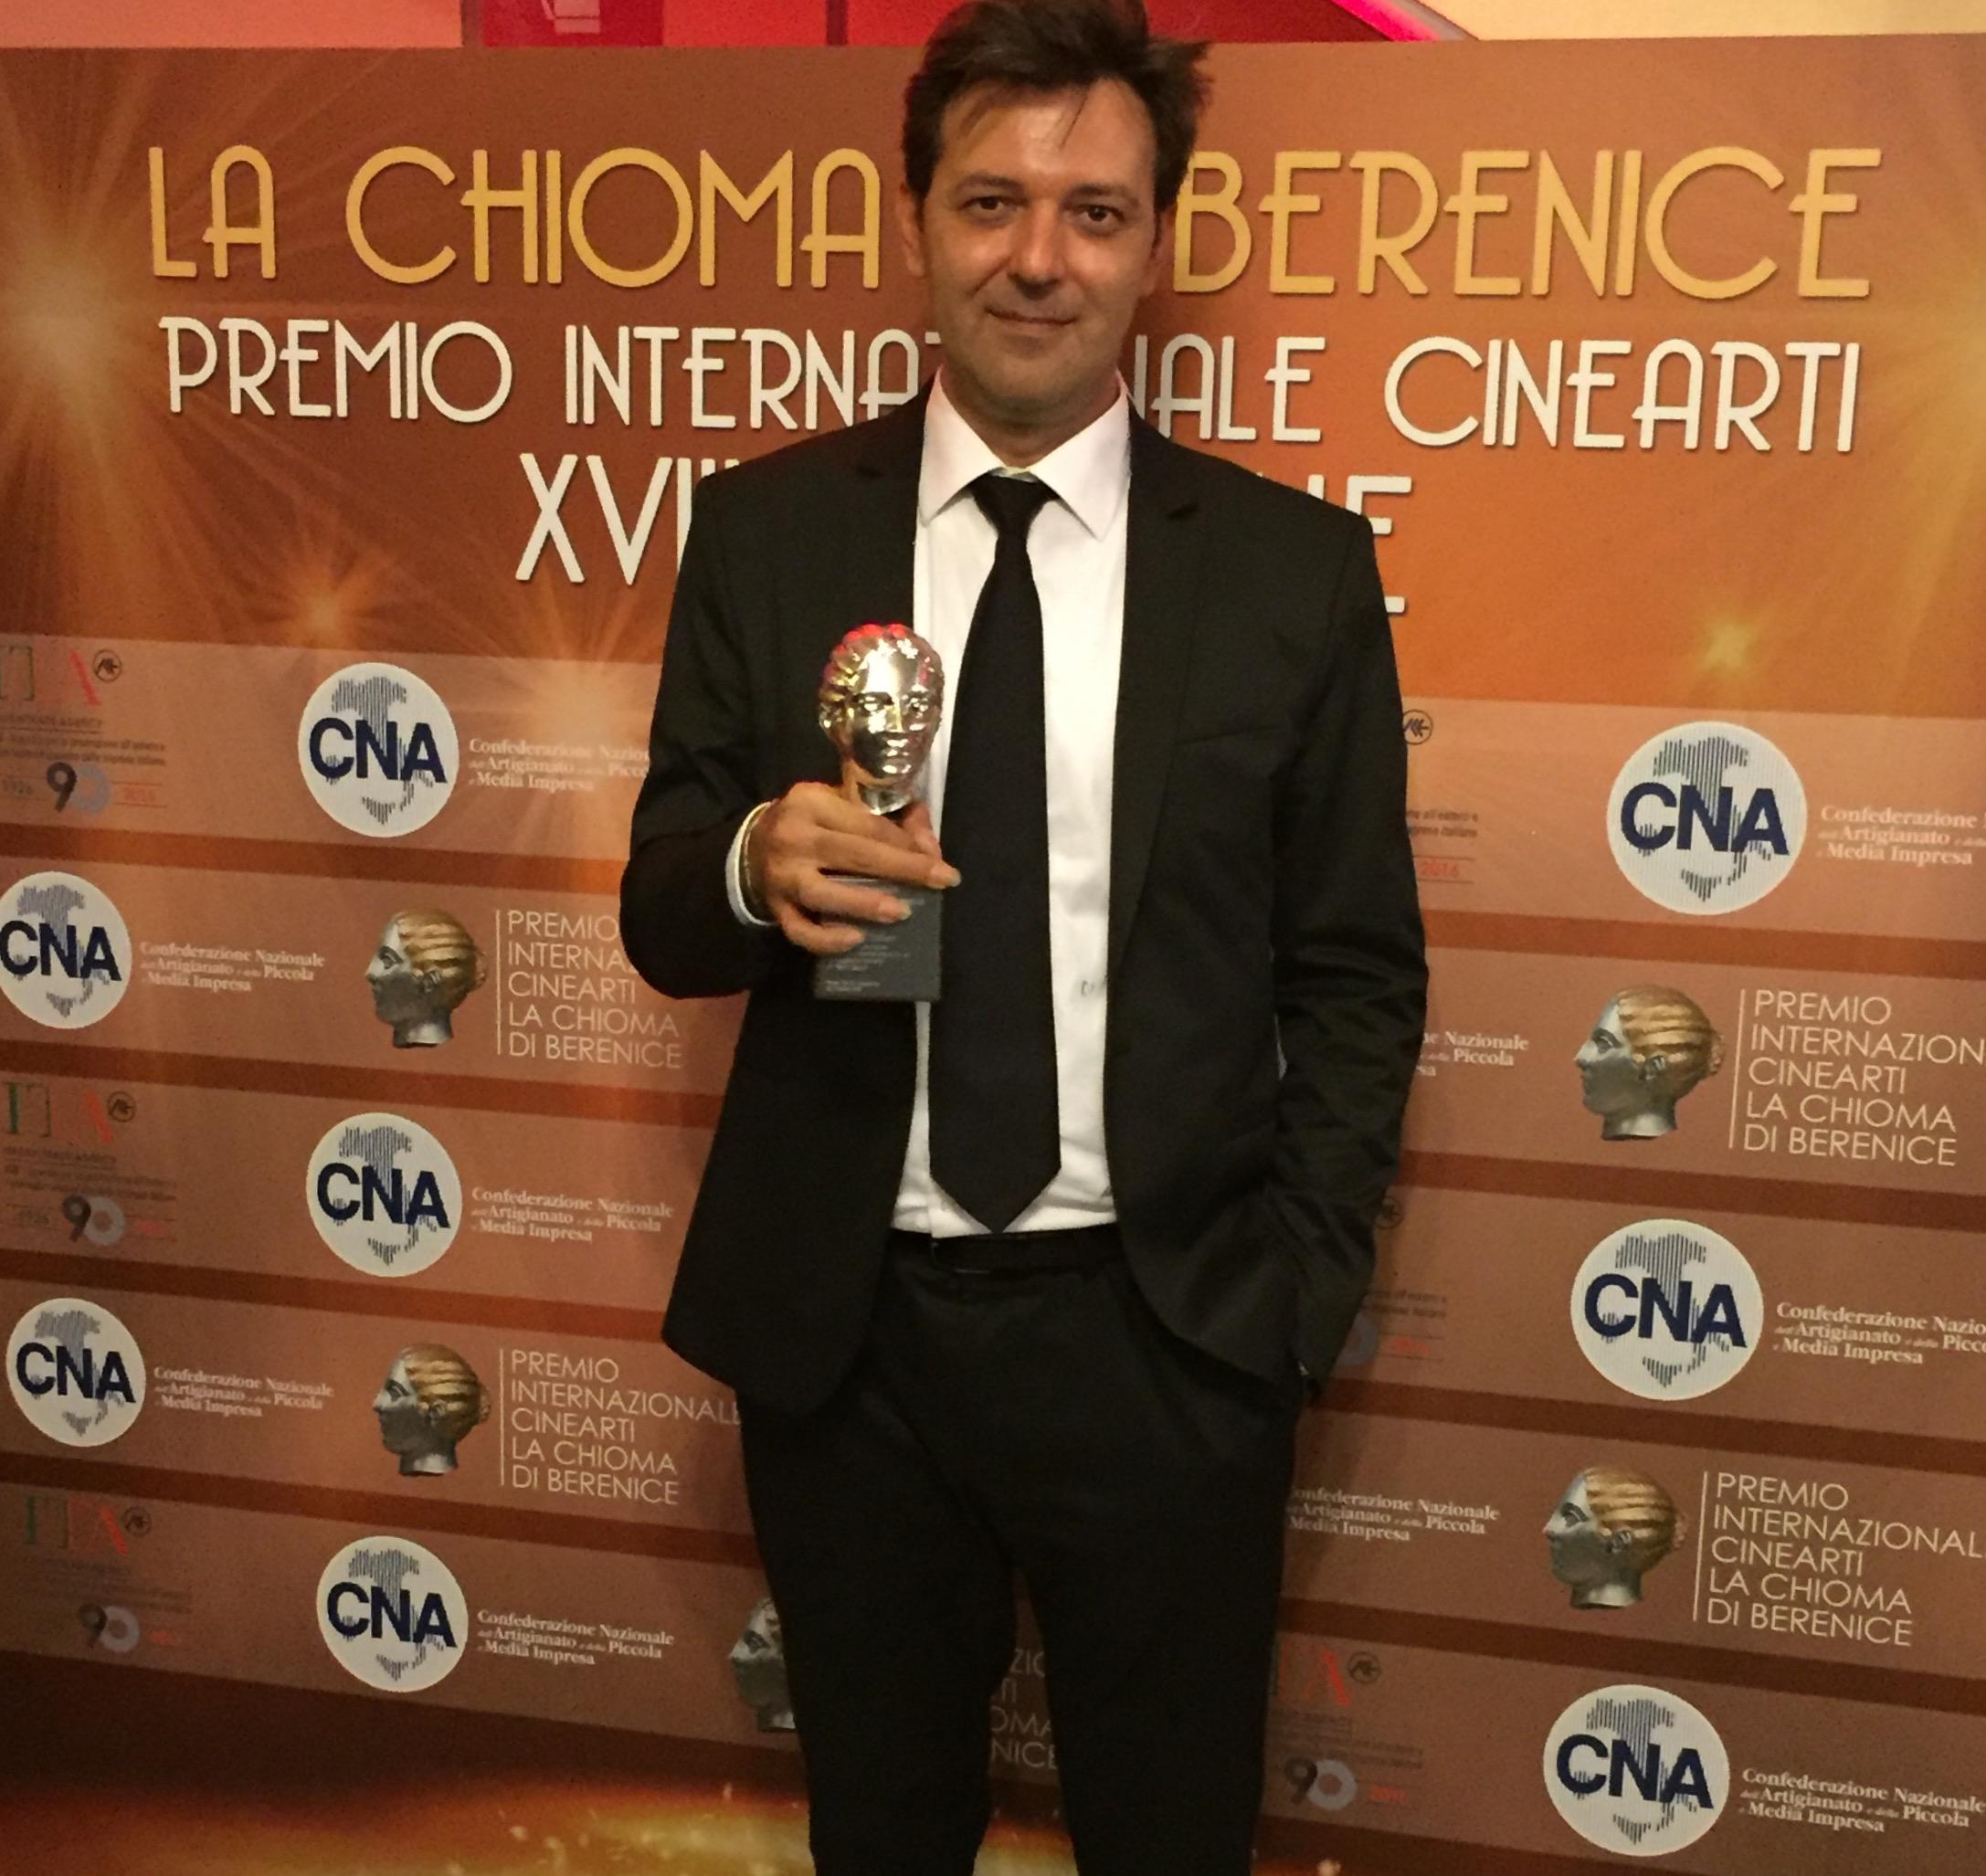 Sandro Di Stefano in Fantasticherie di un passeggiatore solitario (2014)